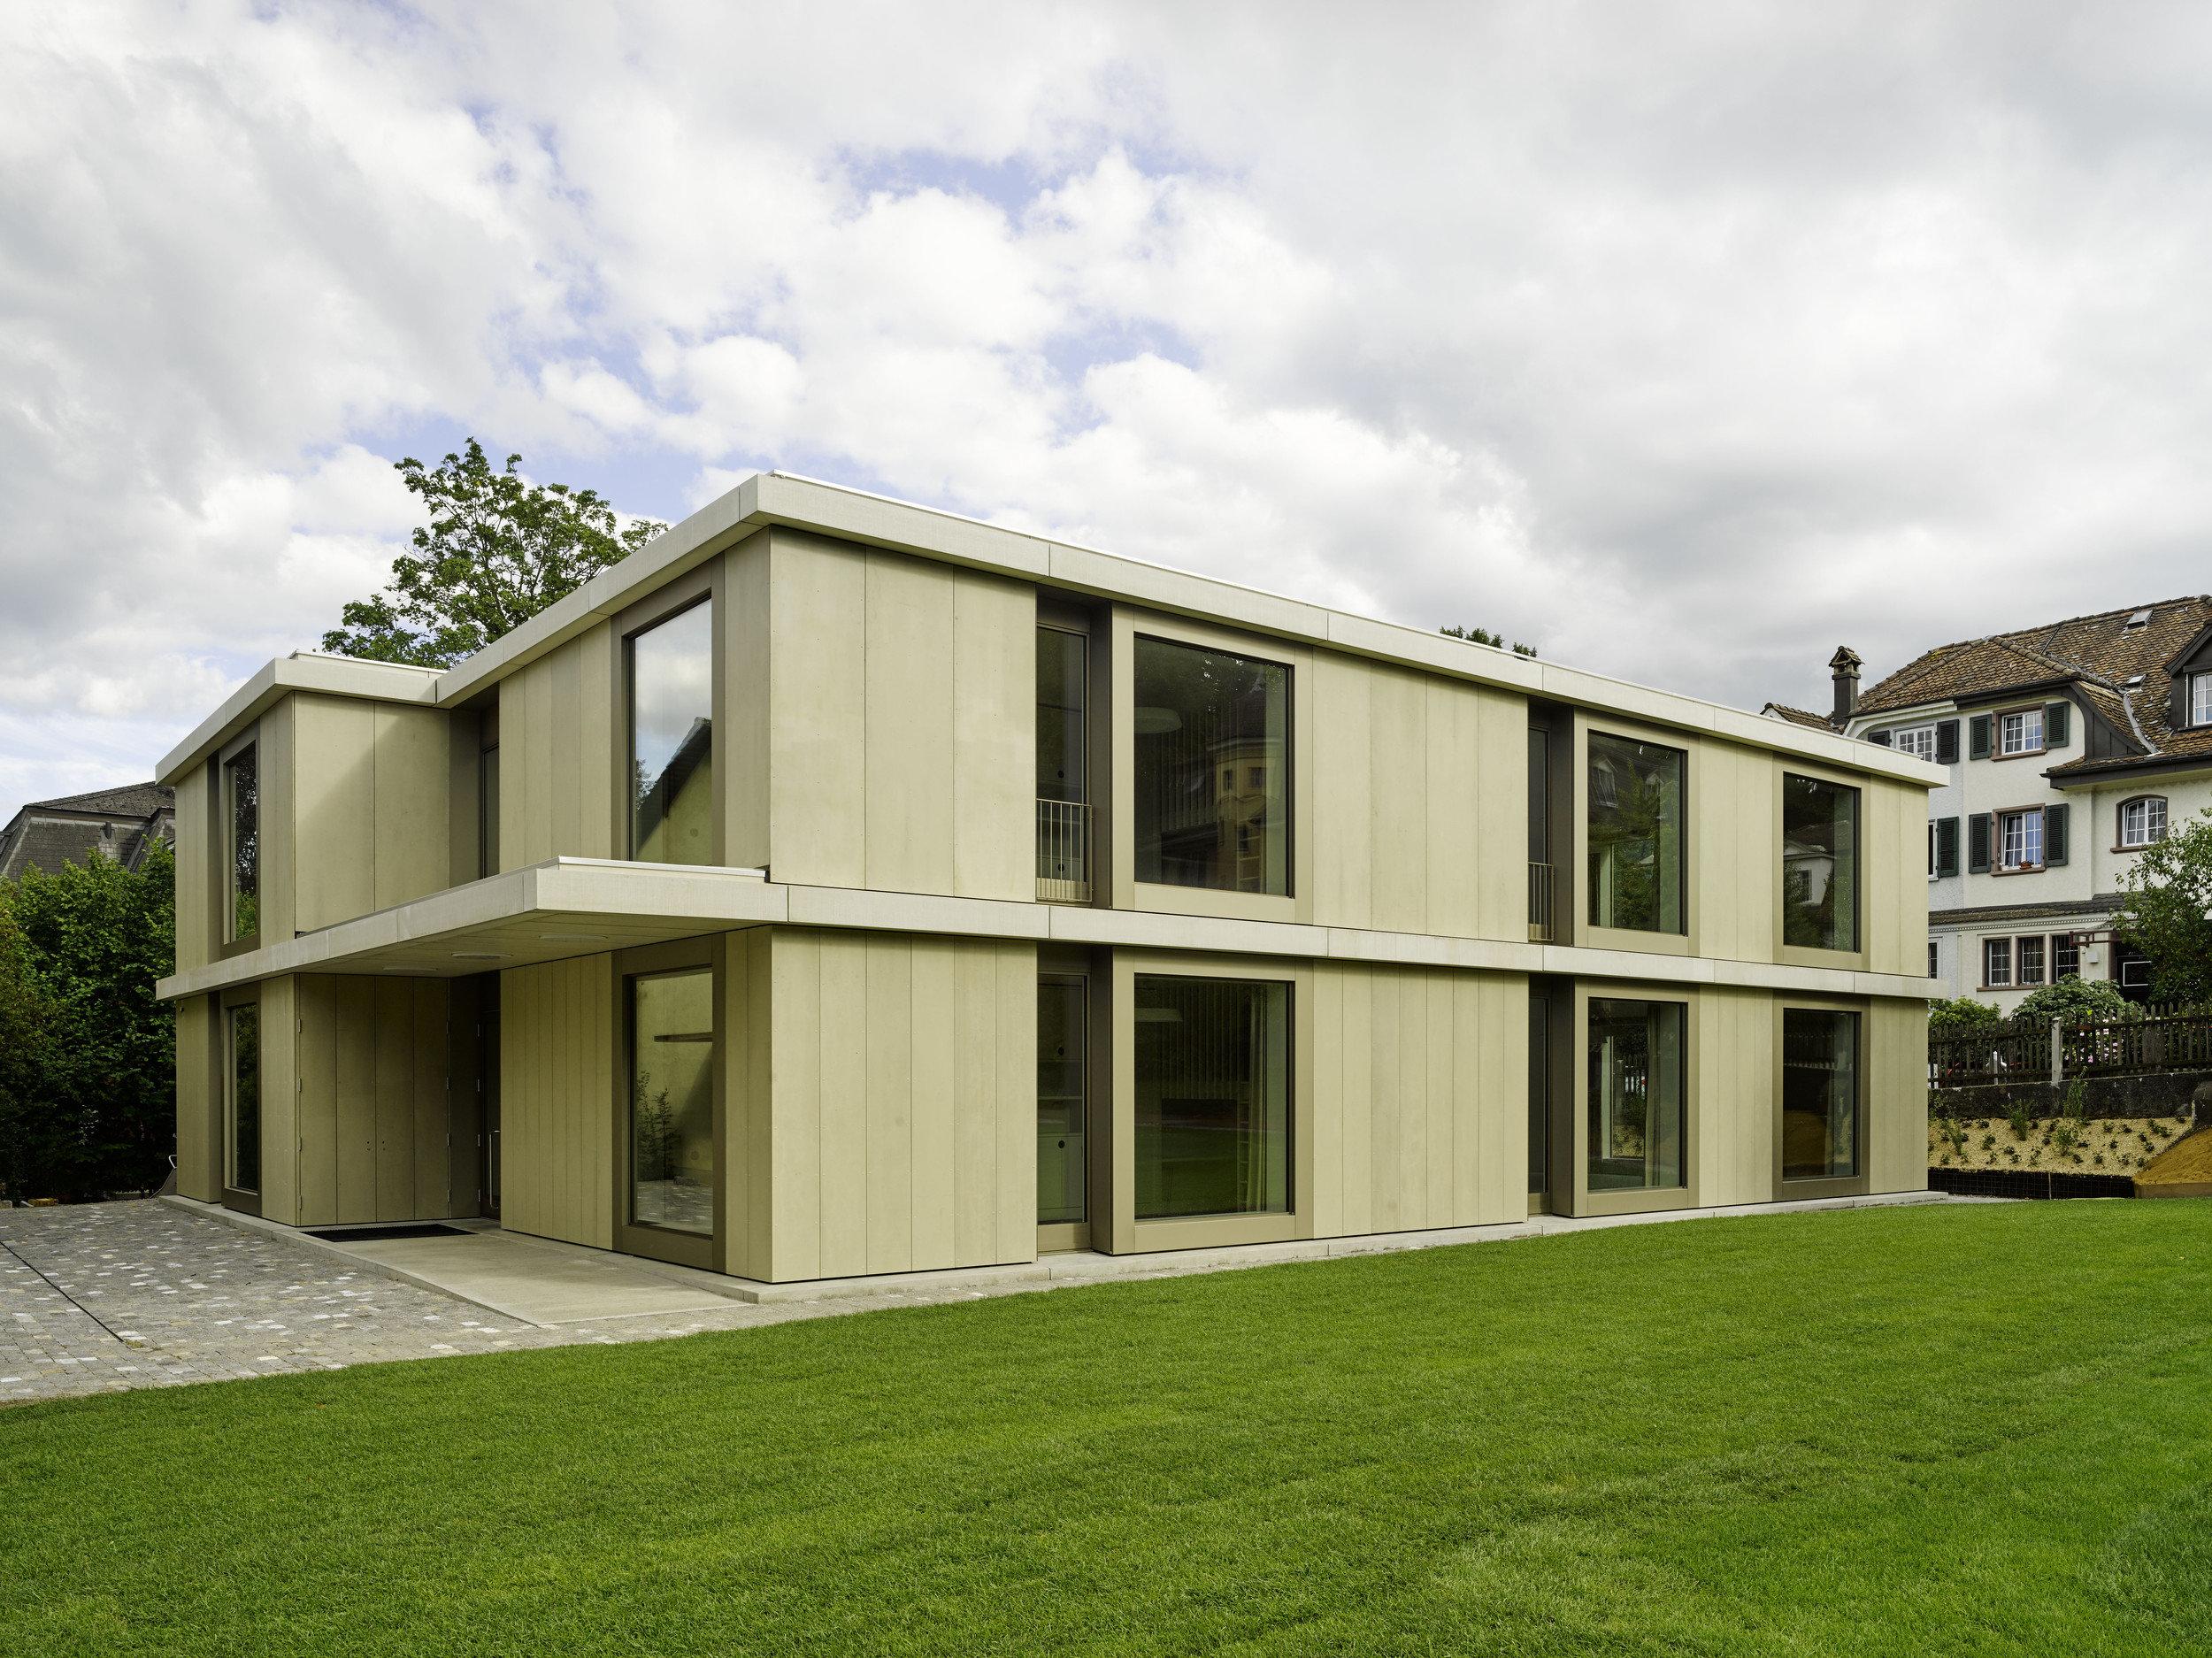 2-geschossiges Schulgebäude mit raumhohen Fensterelementen